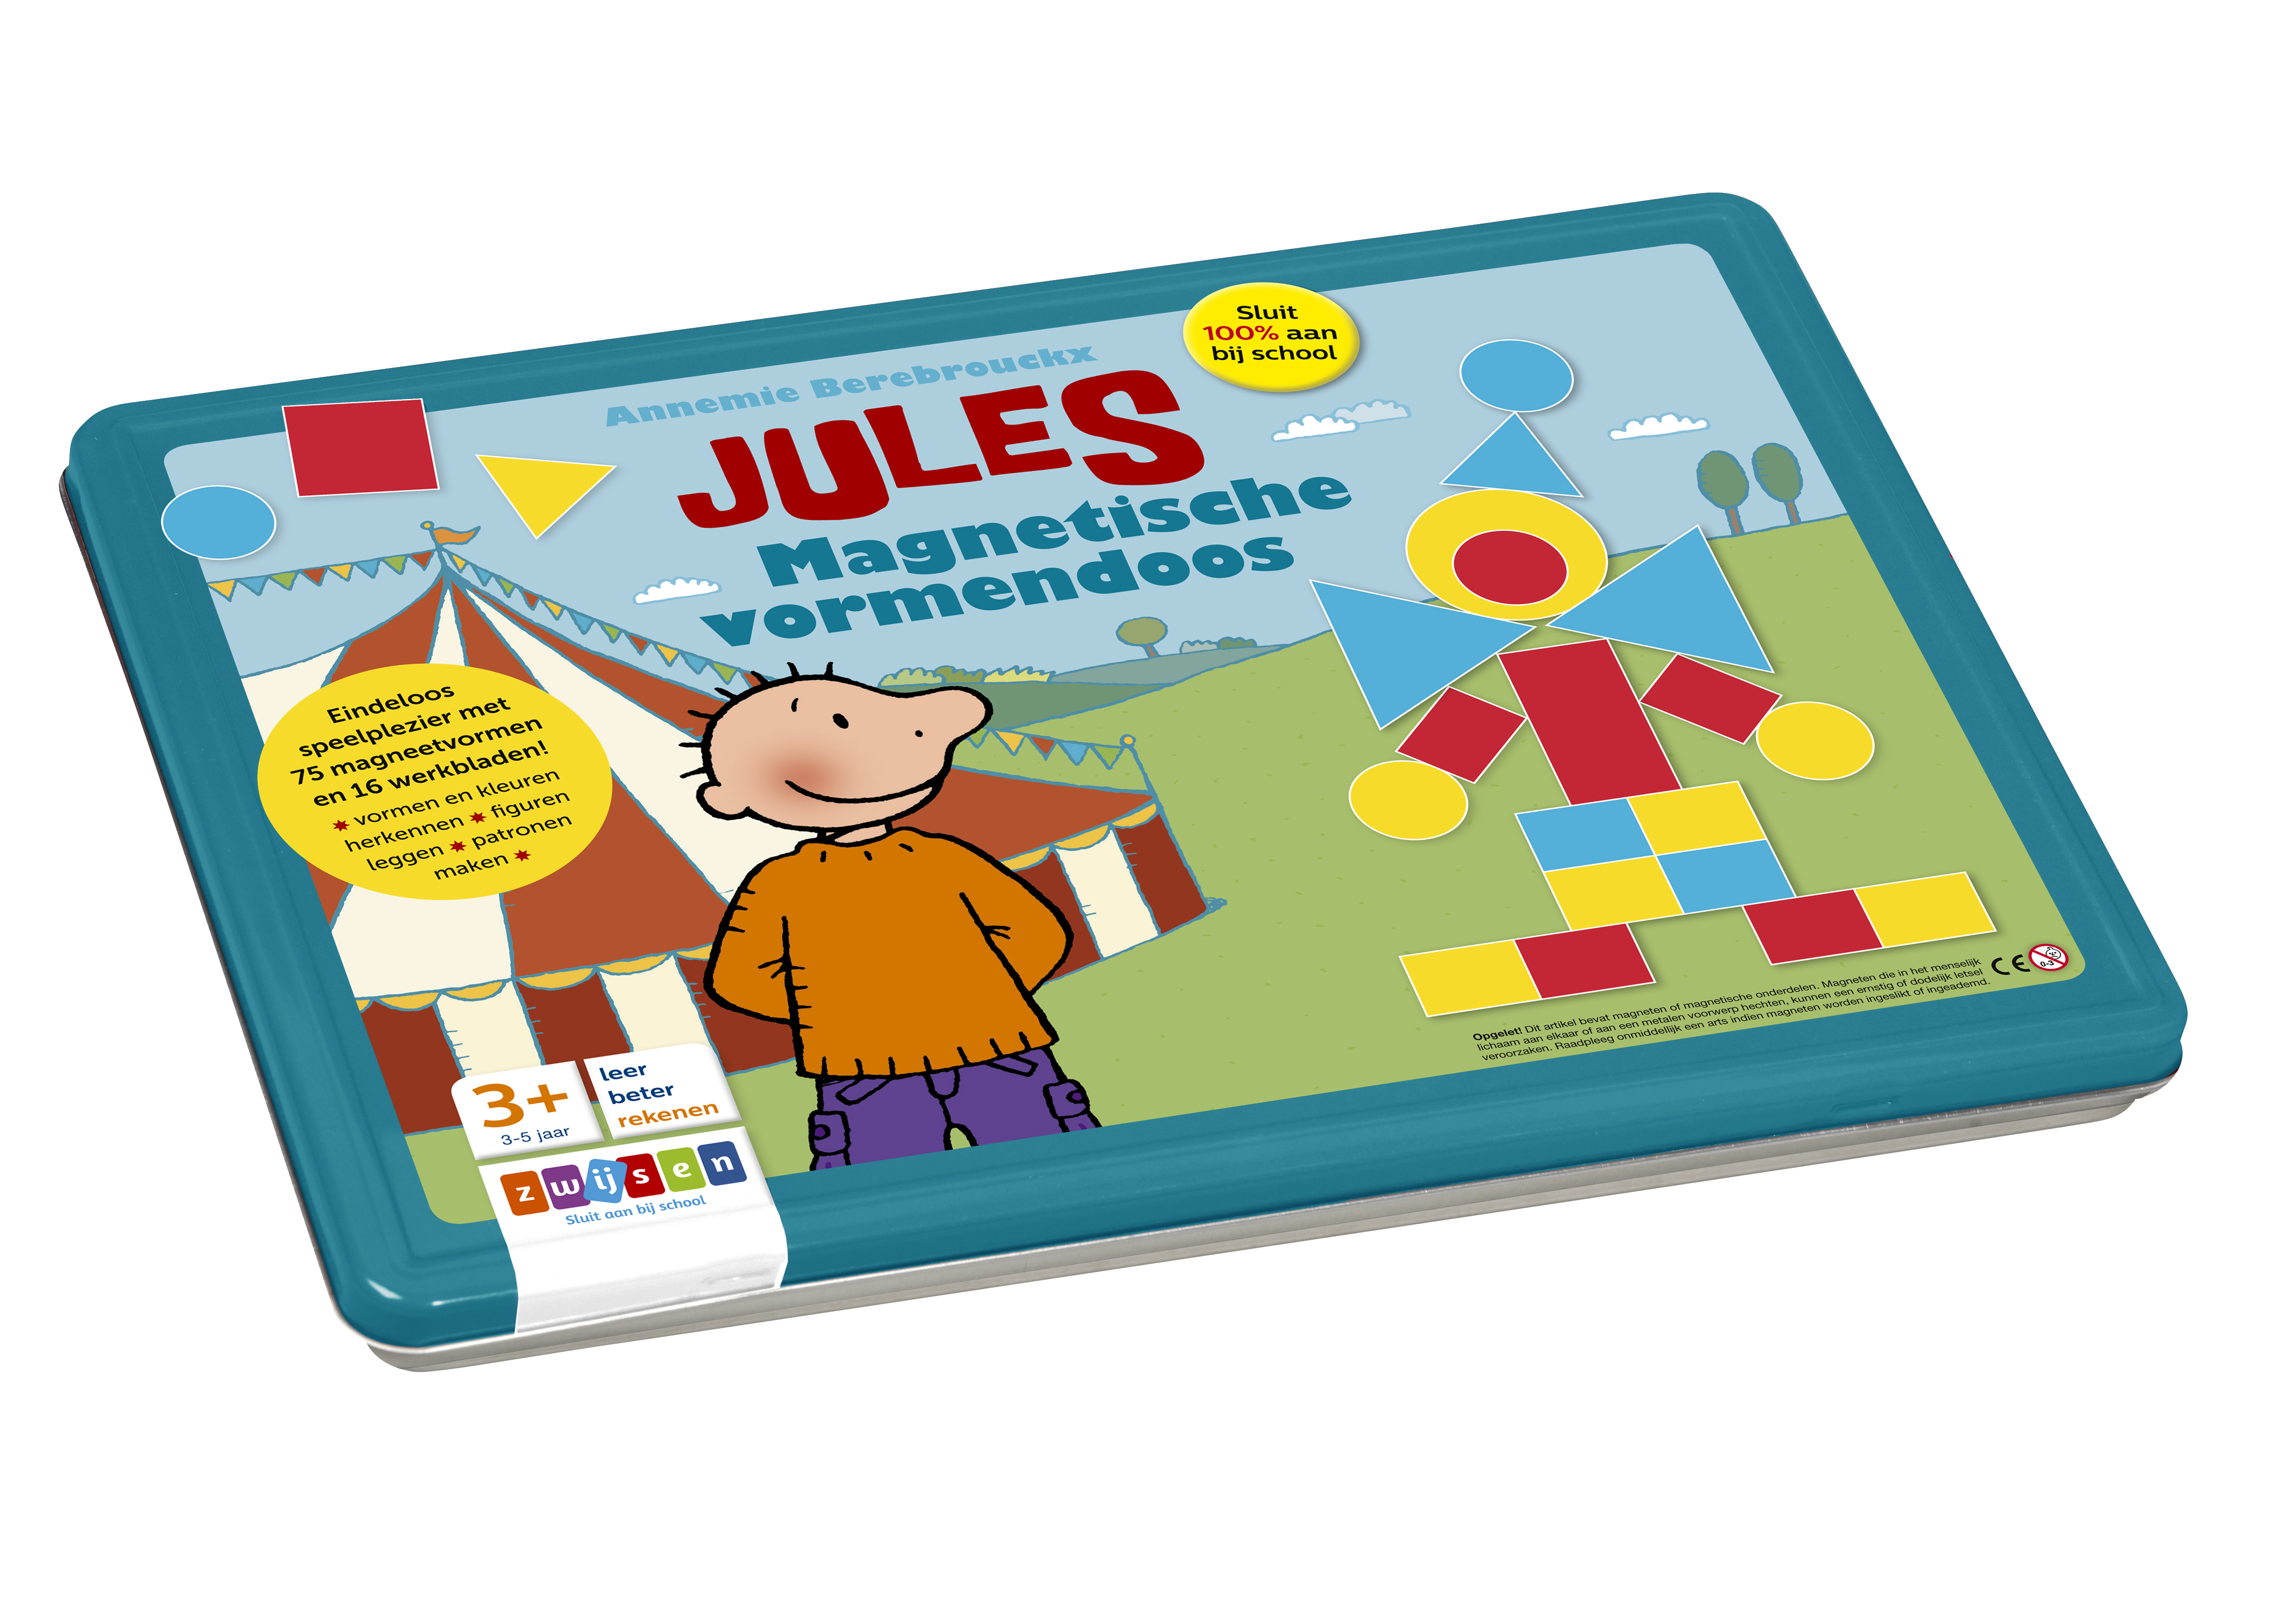 Jules magnetische vormendoos Didactische thuismarkt